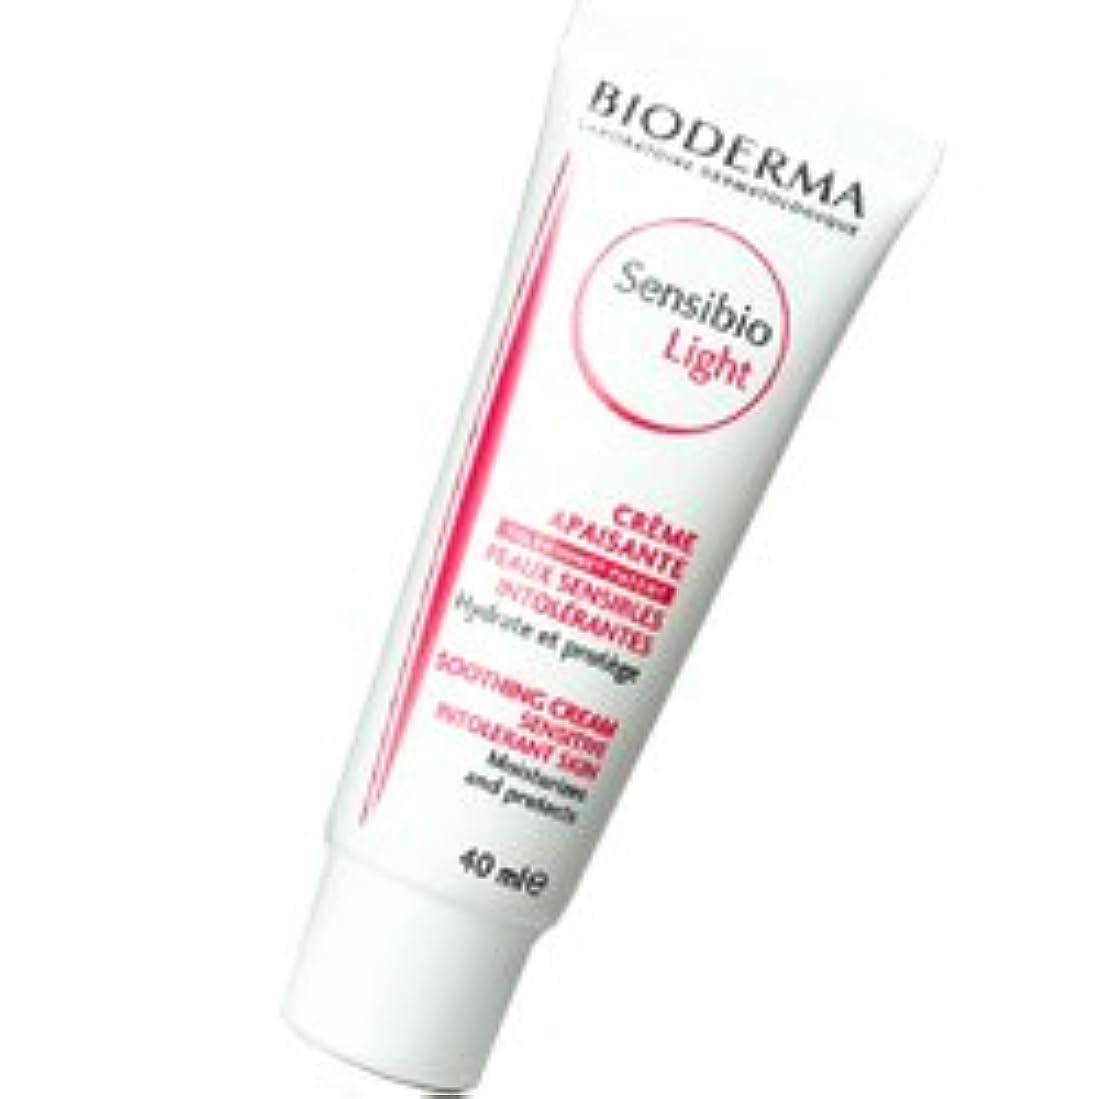 毒液弱める早めるビオデルマ BIODERMA サンシビオ ライトクリーム 40g 【並行輸入品】